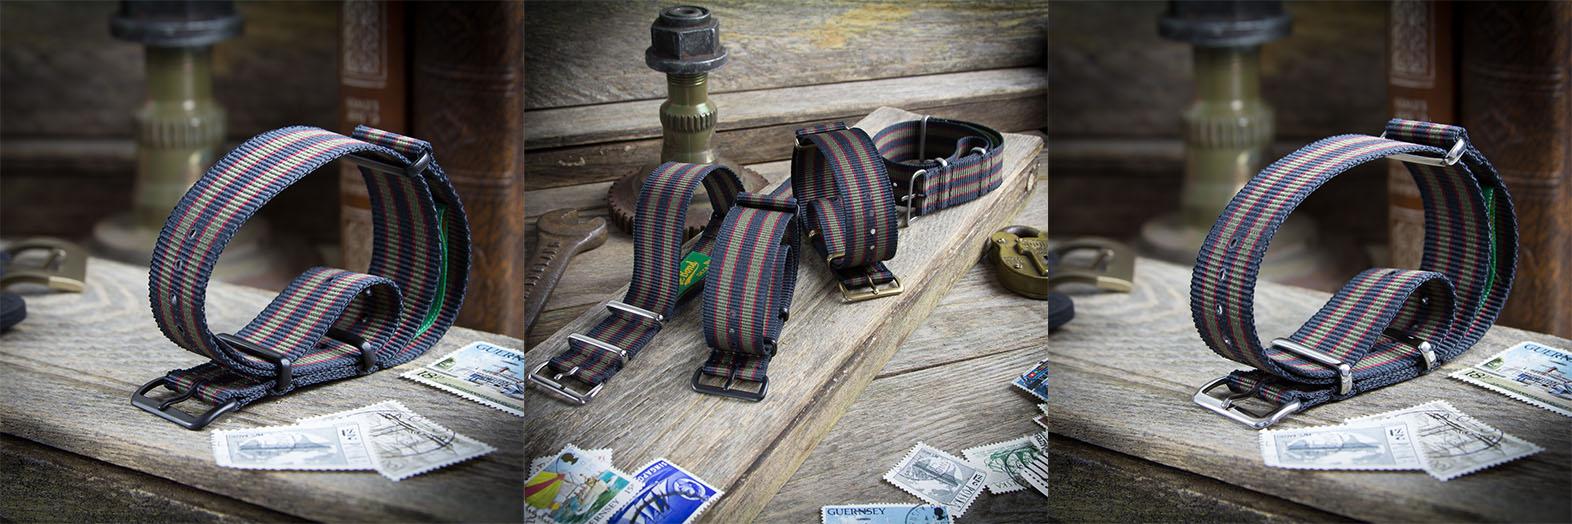 Name:  WatchGecko Vintage Bond Watch Strap 001.jpg Views: 4977 Size:  232.1 KB